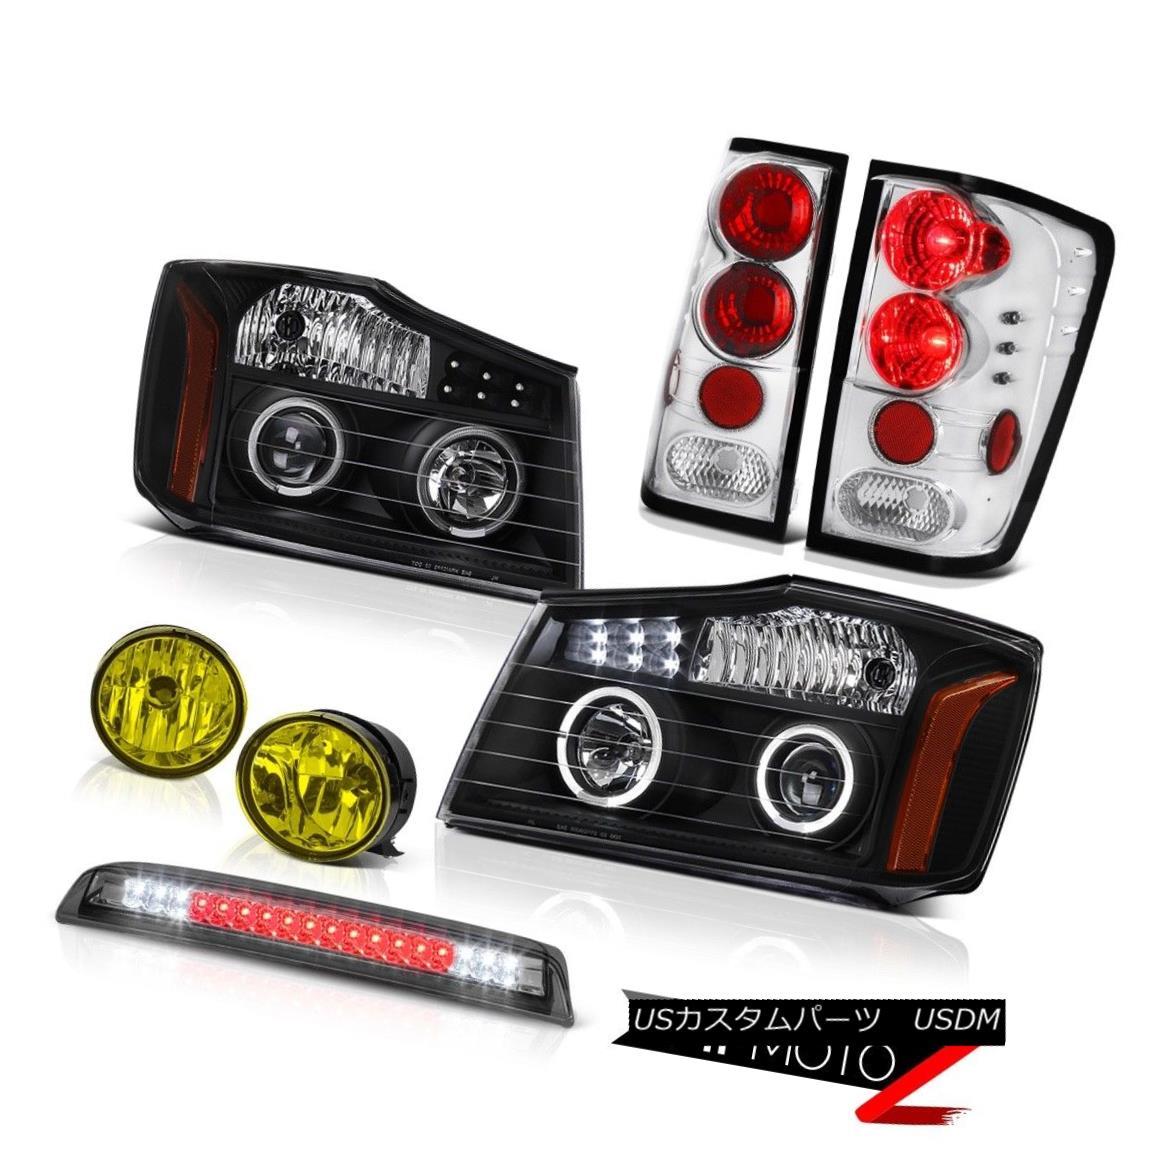 テールライト For 2004-2015 Titan 4X4 Projector Black Headlight Tail Light Fog Roof Brake LED 2004年?2015年Titan 4X4プロジェクターブラックヘッドライトテールライトフォグルーフブレーキLED